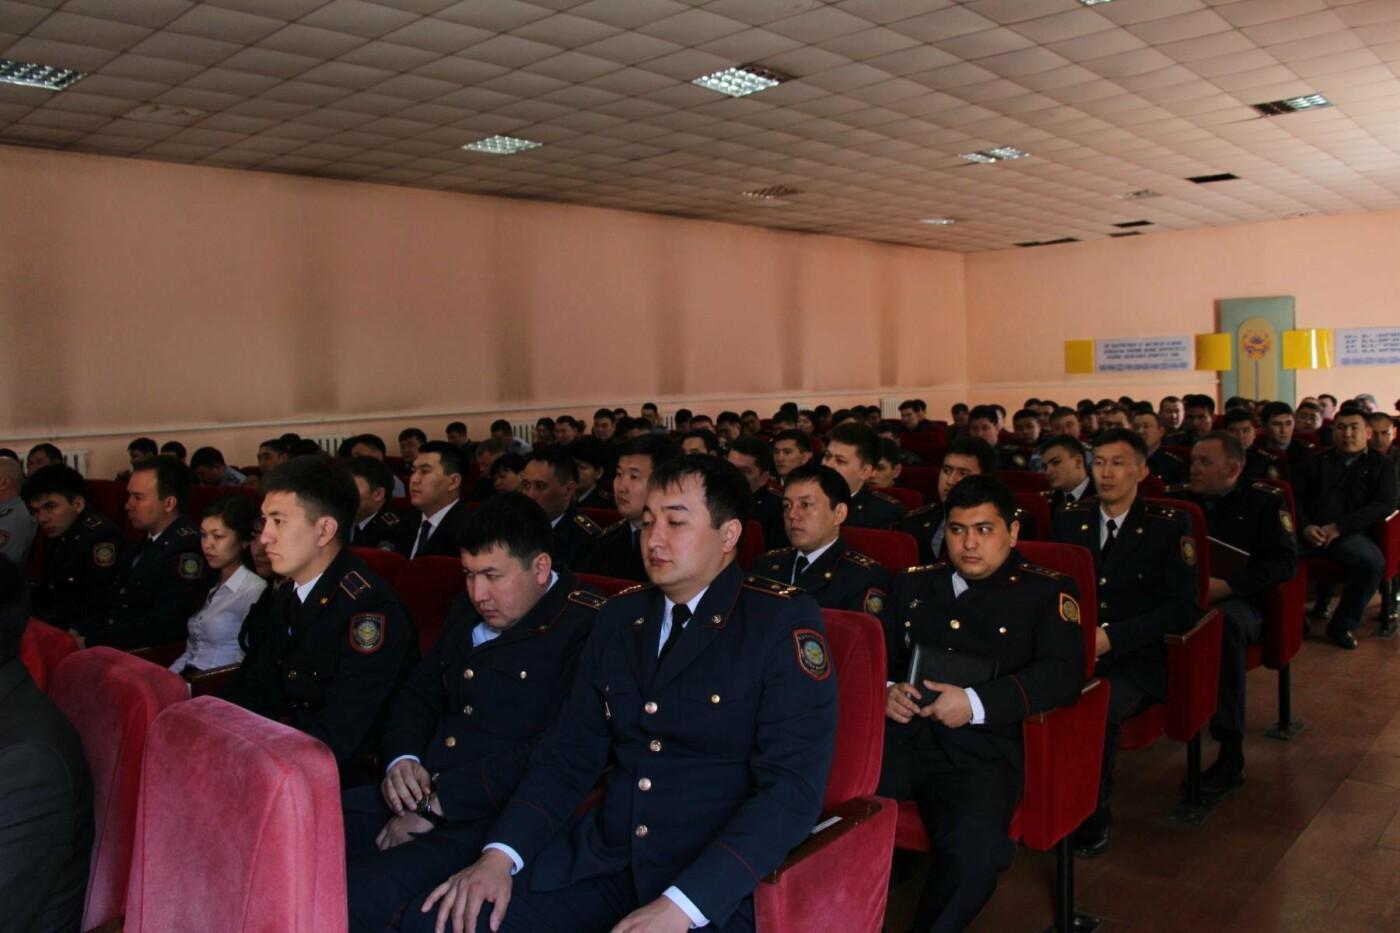 В талдыкорганском УВД торжественно отметили юбилейную дату следственных органов, фото-1